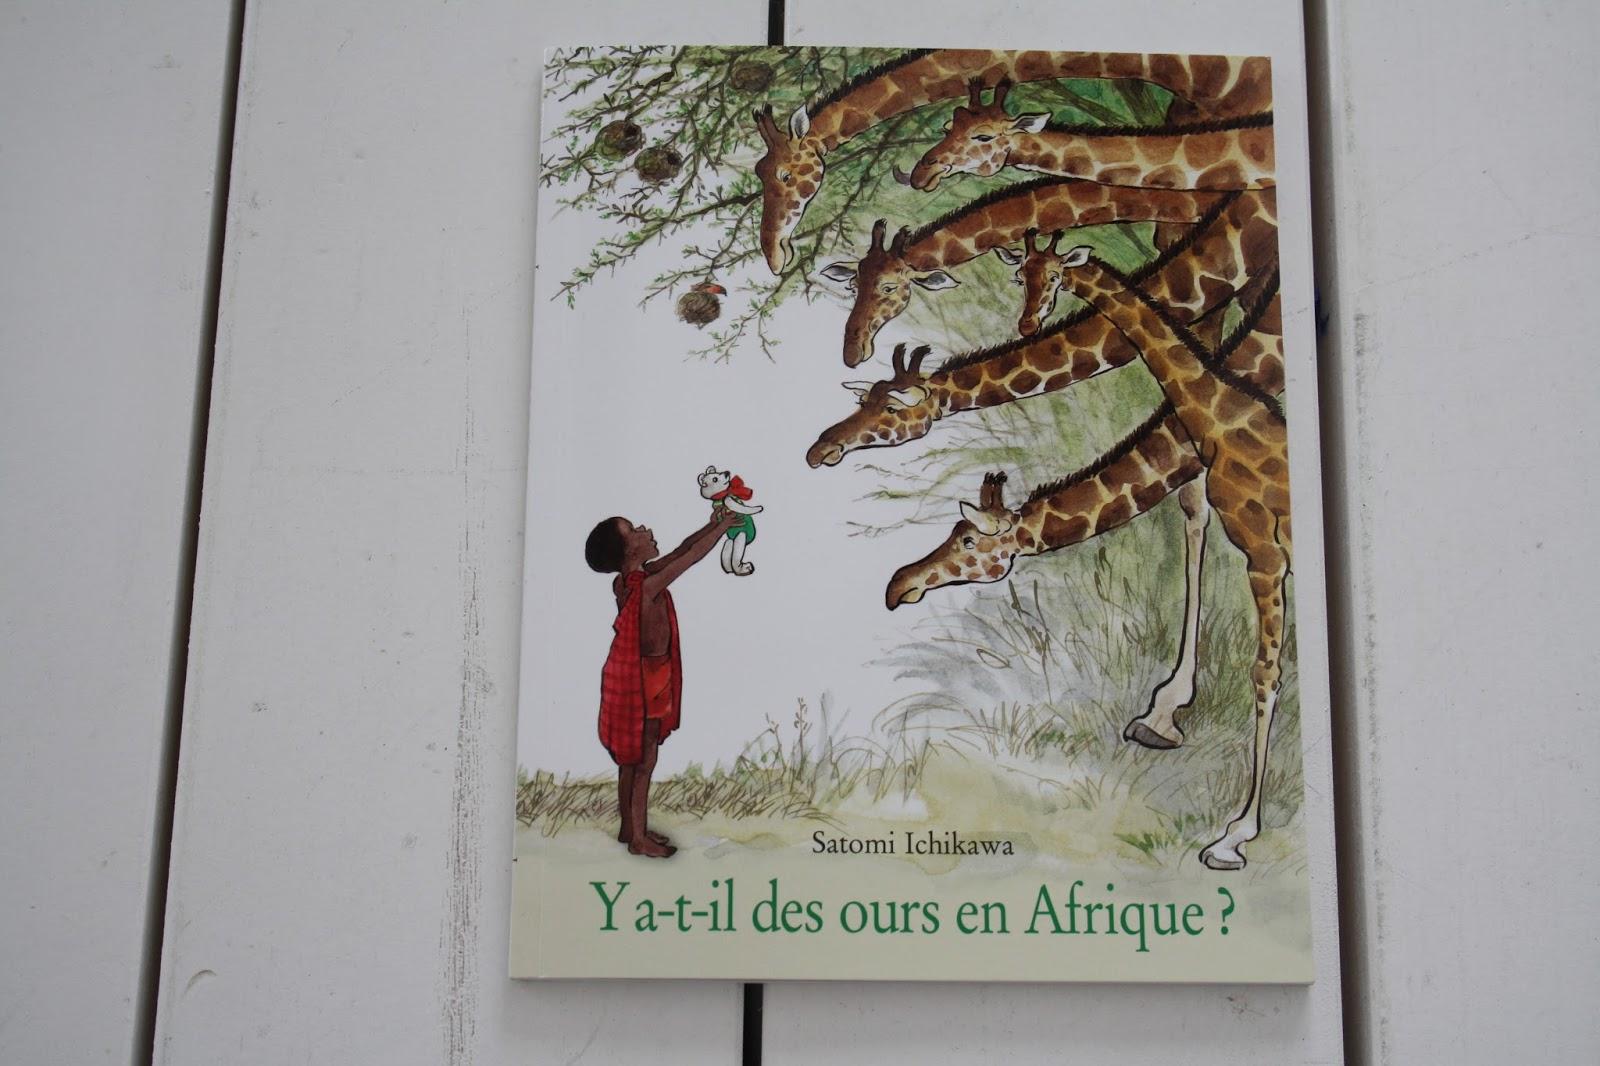 Y'a t-il des ours en Afrique ? de Satomi Ichikawa